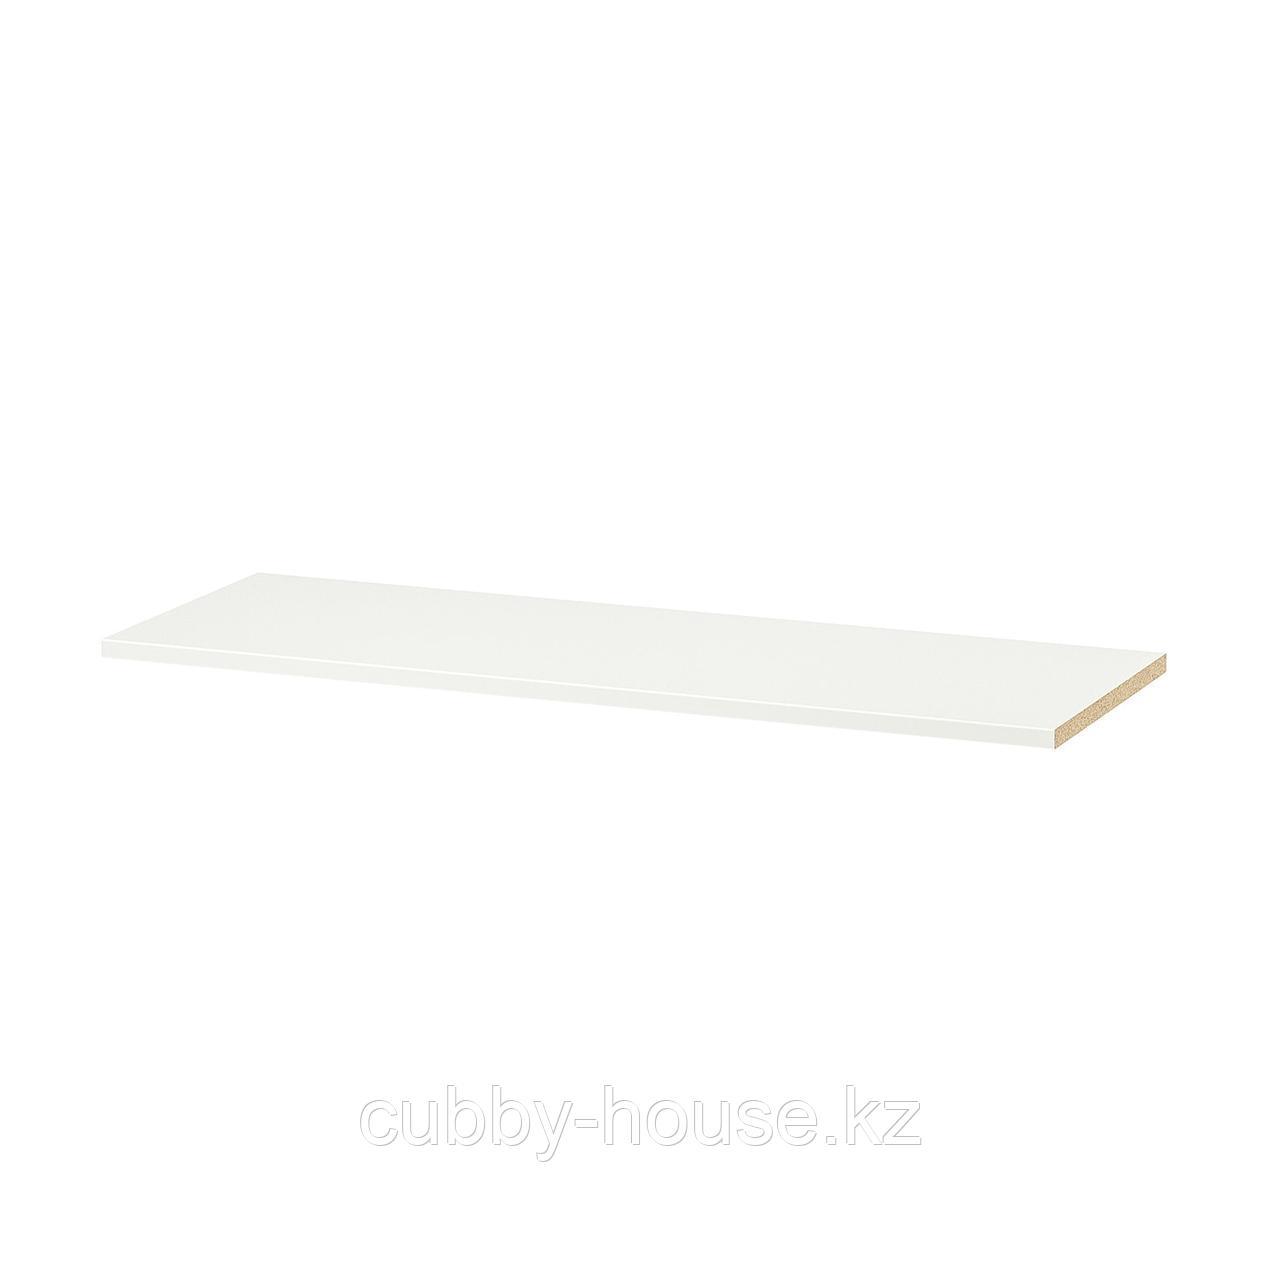 КОМПЛИМЕНТ Полка, белый, 100x58 см